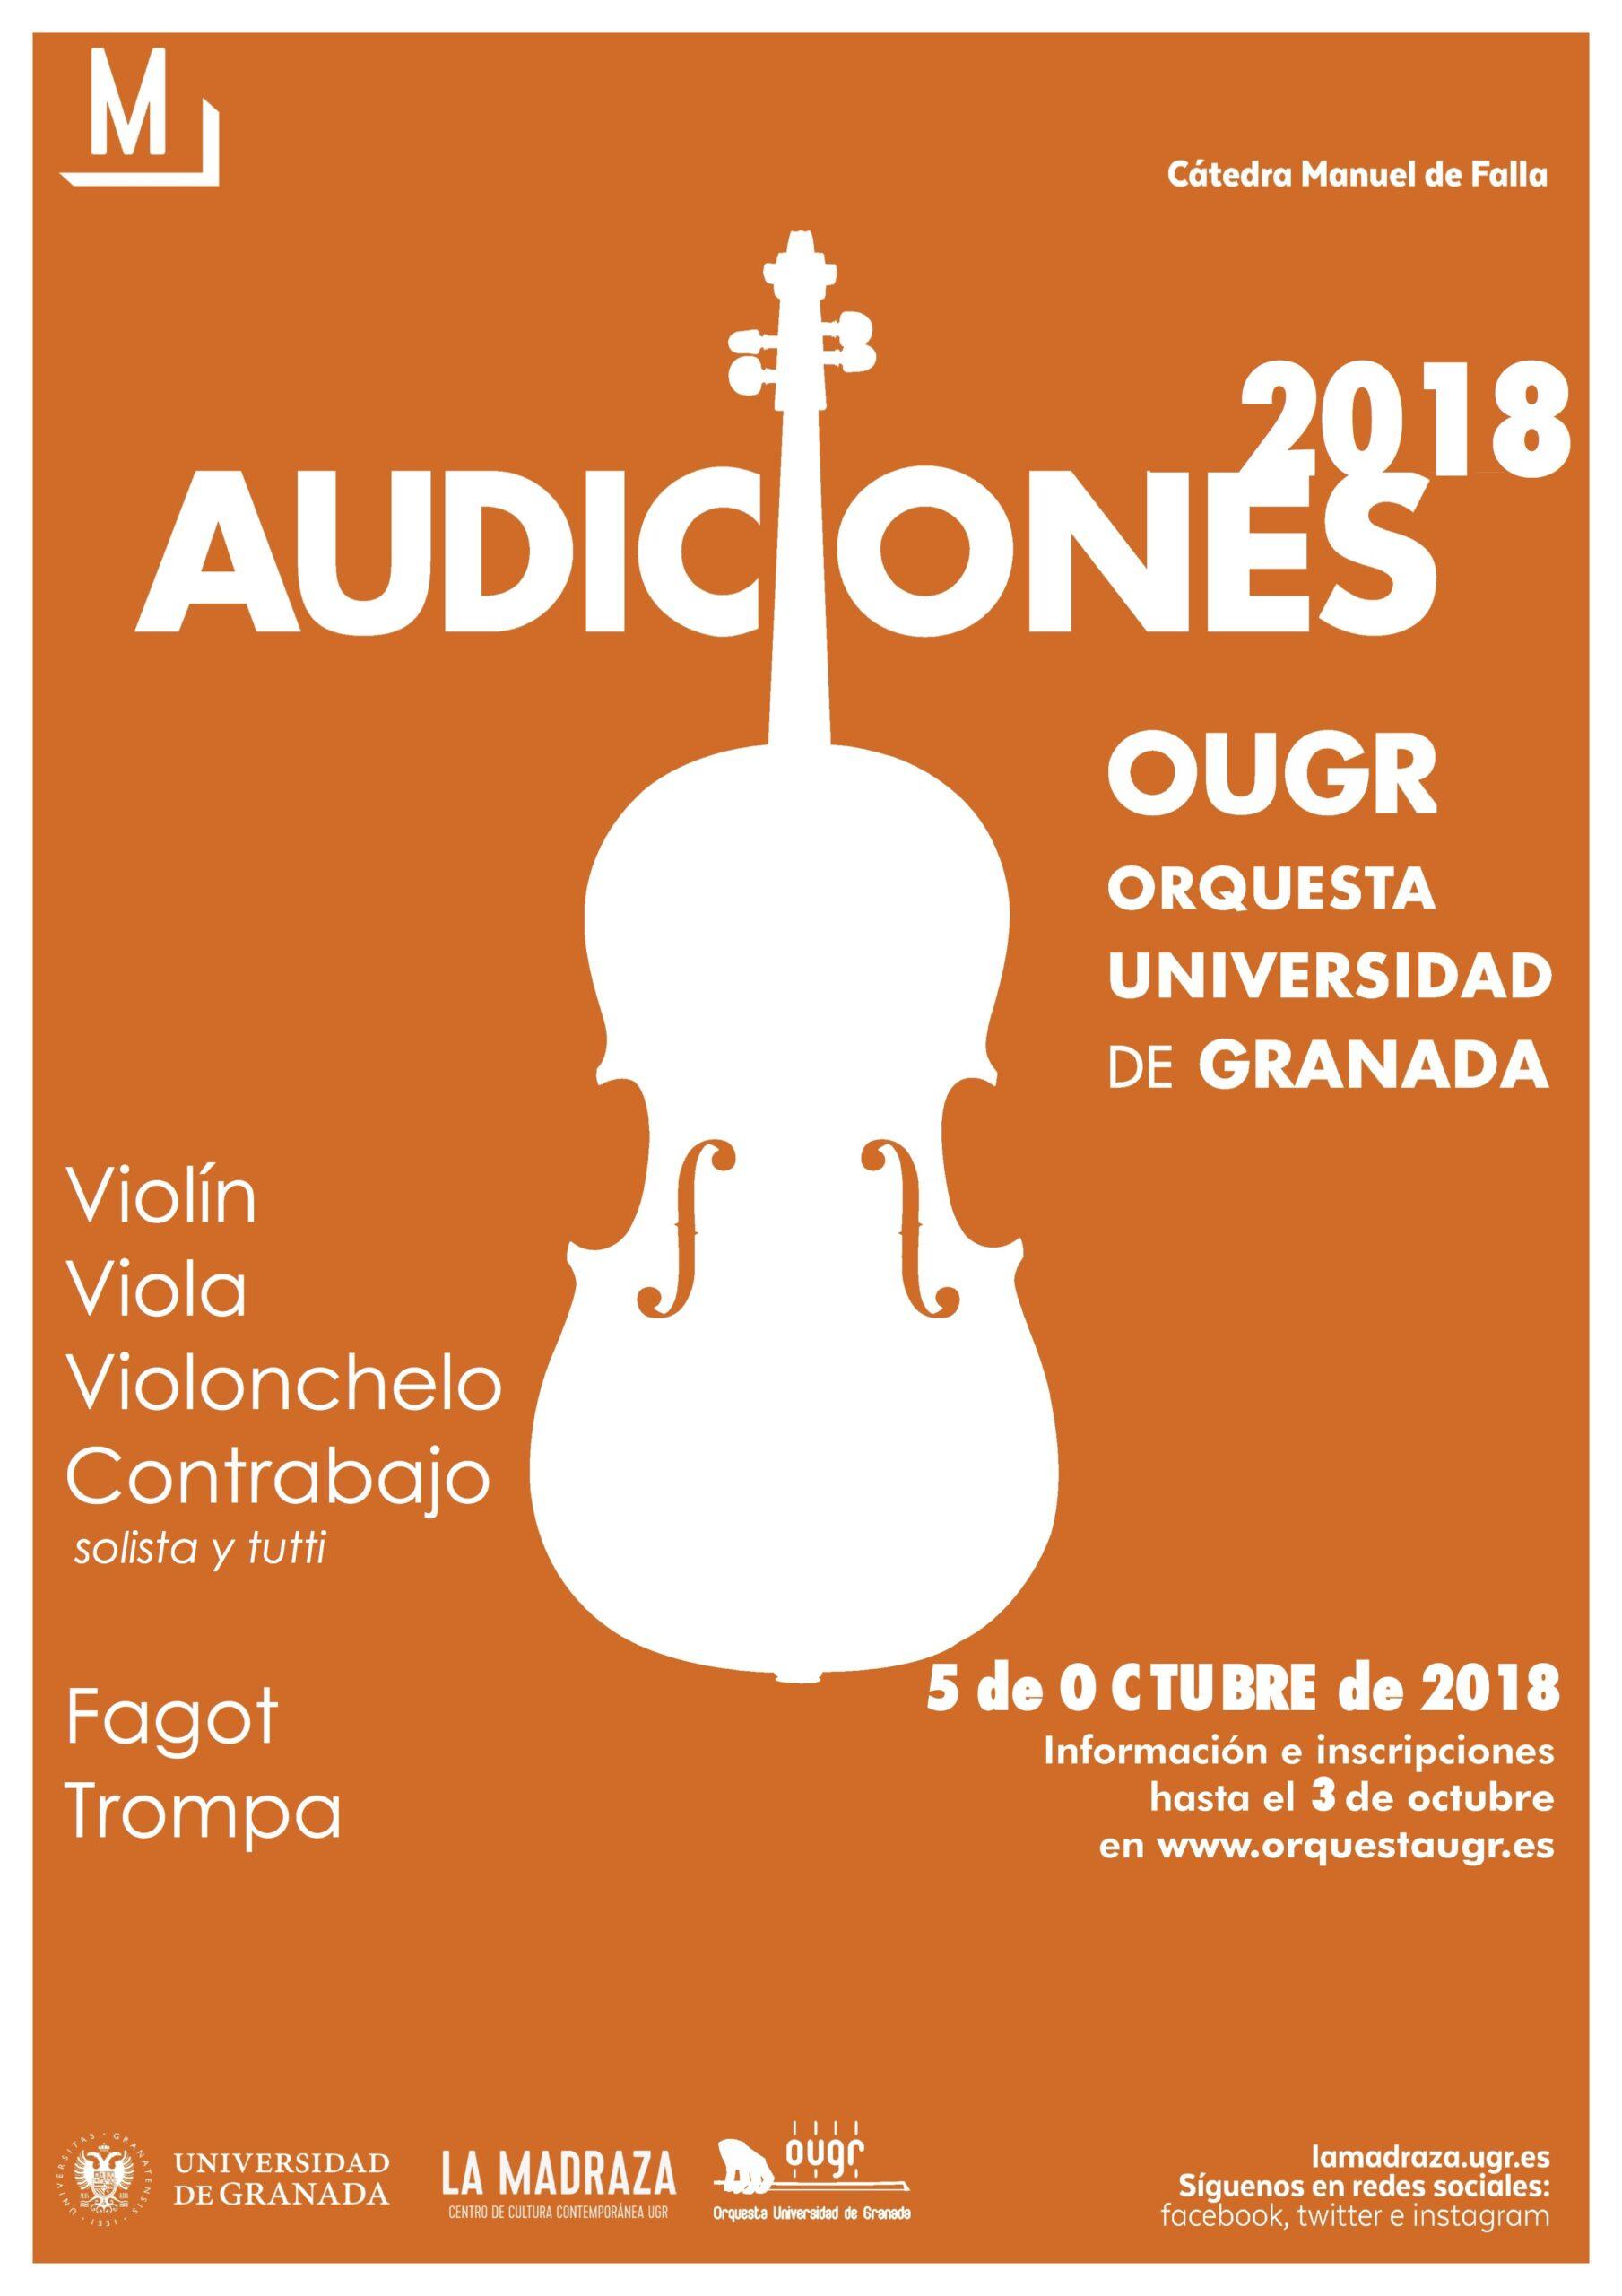 Imagen de portada de Audiciones de acceso a la Orquesta de la UGR